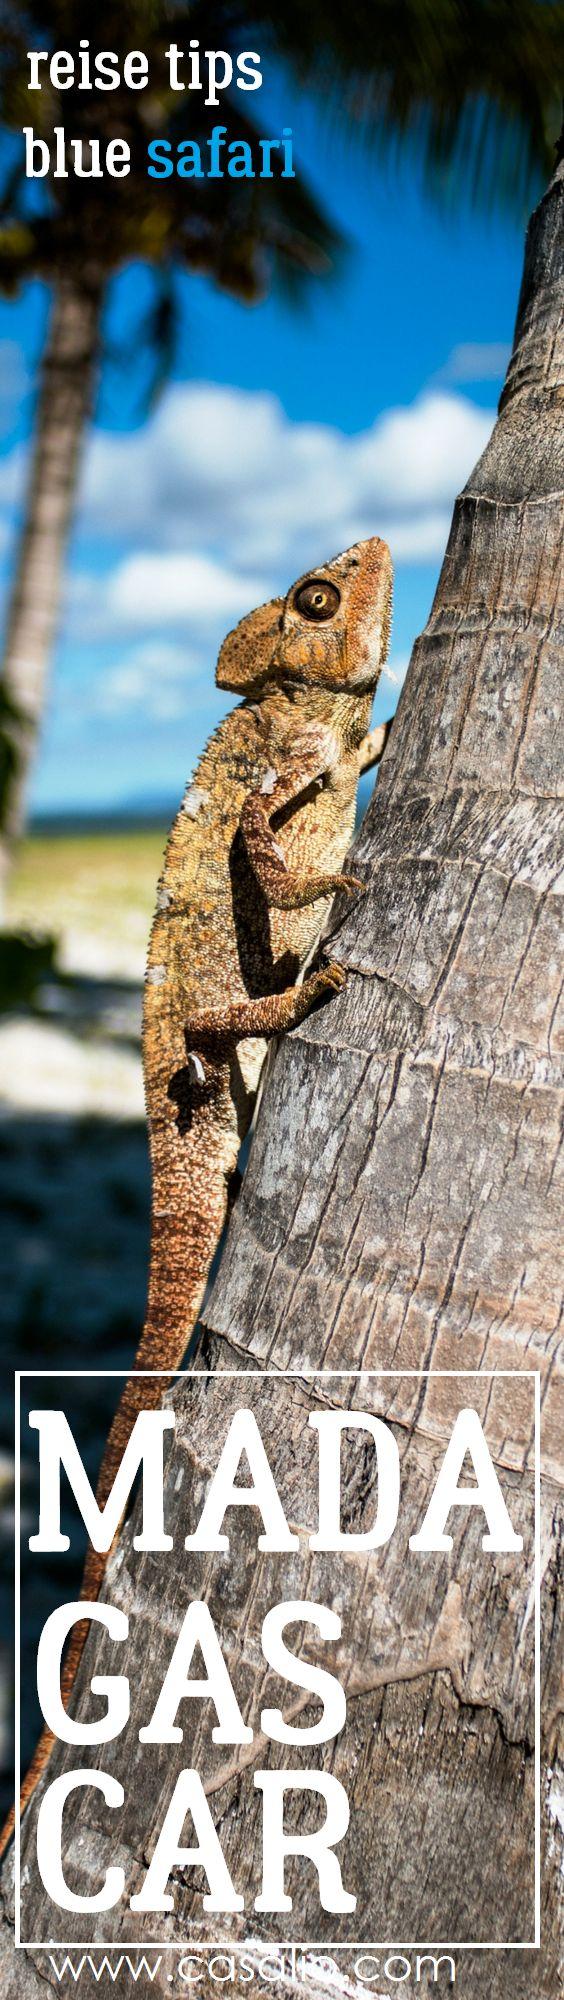 Best Travel Tip Madagascar. Luxury Safari. Luxury Travel. www.casalio.com #luxury #luxurytravel #adventure #travel #urlaub #reisen #casalio #holiday #ferienhaus #villa #rental #ferien #reisetips #madagascar